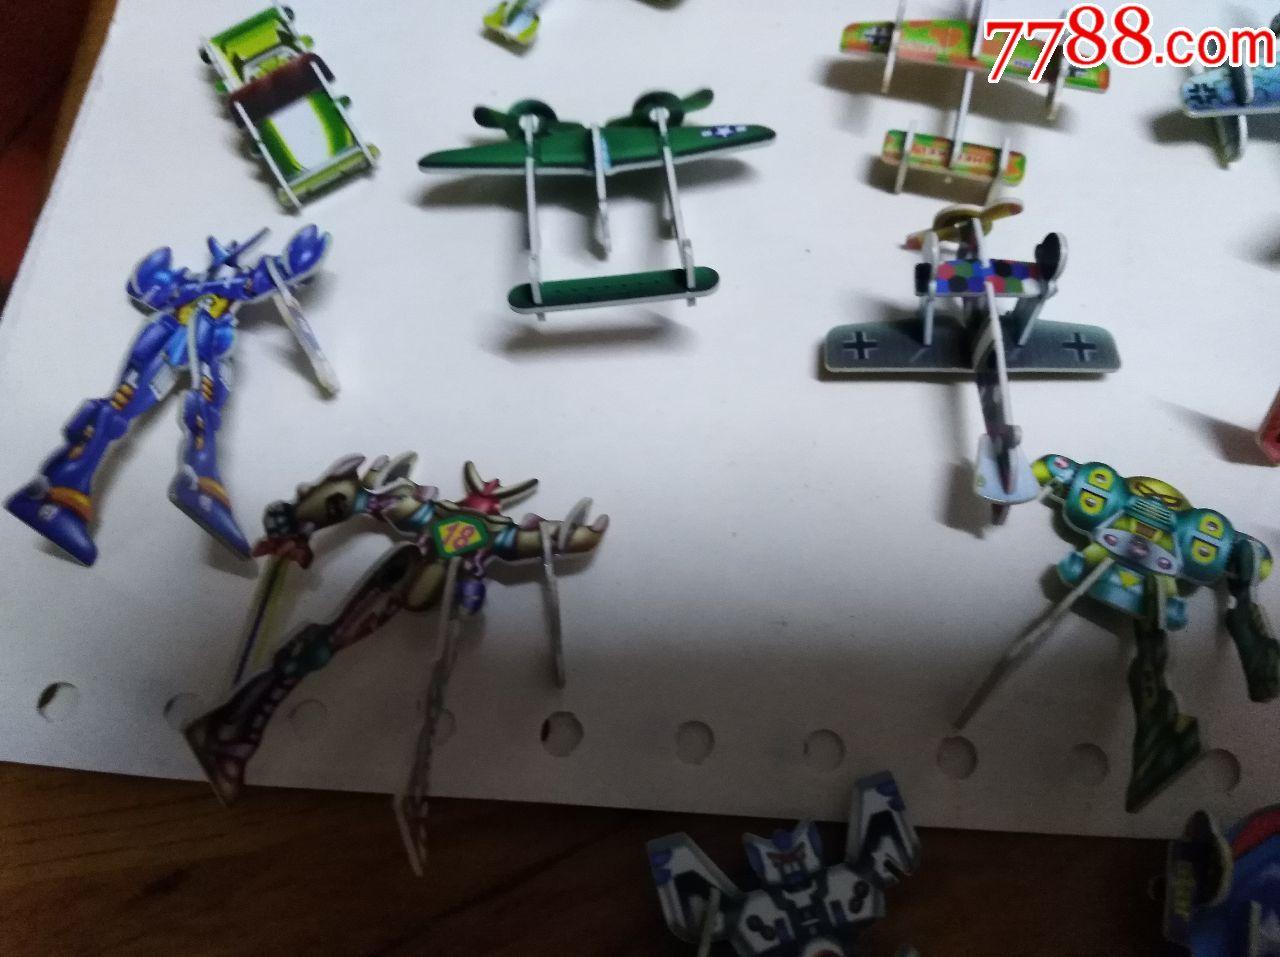 小灵龙玩具卡叠成的小车玩具,恐龙,飞机,变形金刚等一毛绒玩具德国图片